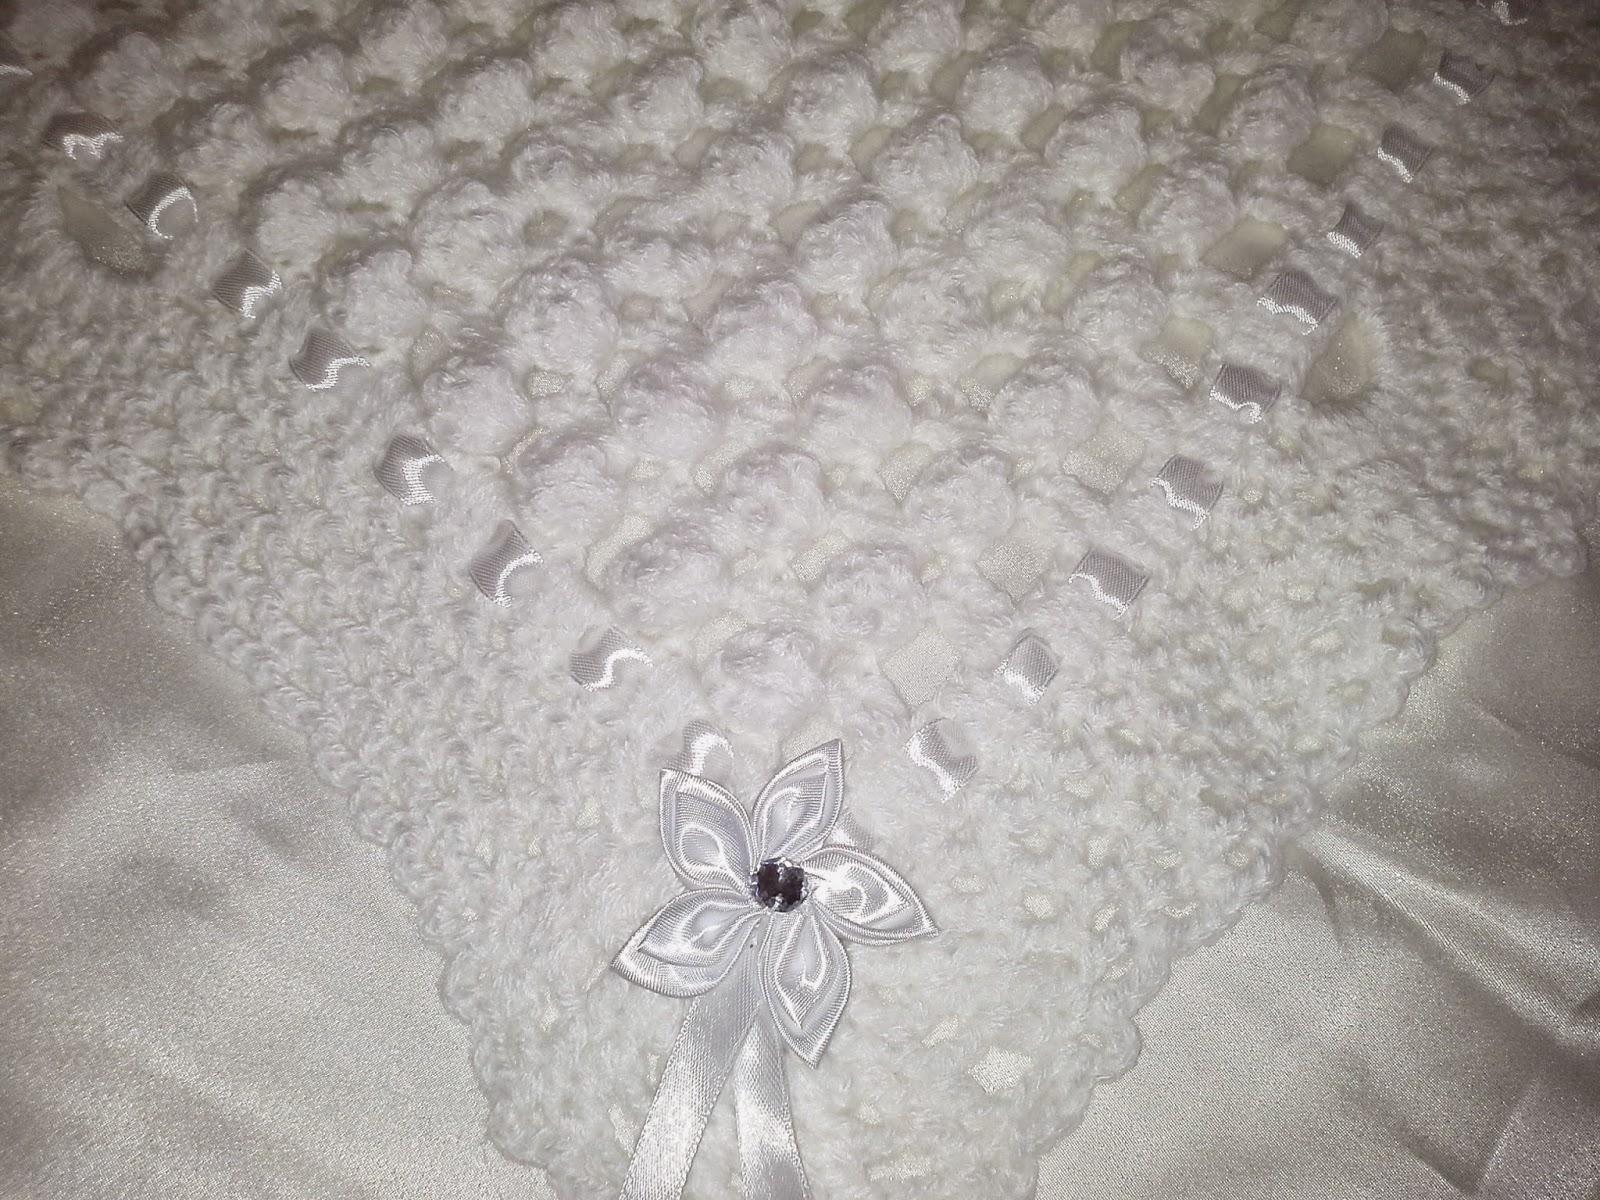 couverture pour lit de bébé Melissa Melina Crochet: Superbe couverture pour bébé au crochet couverture pour lit de bébé